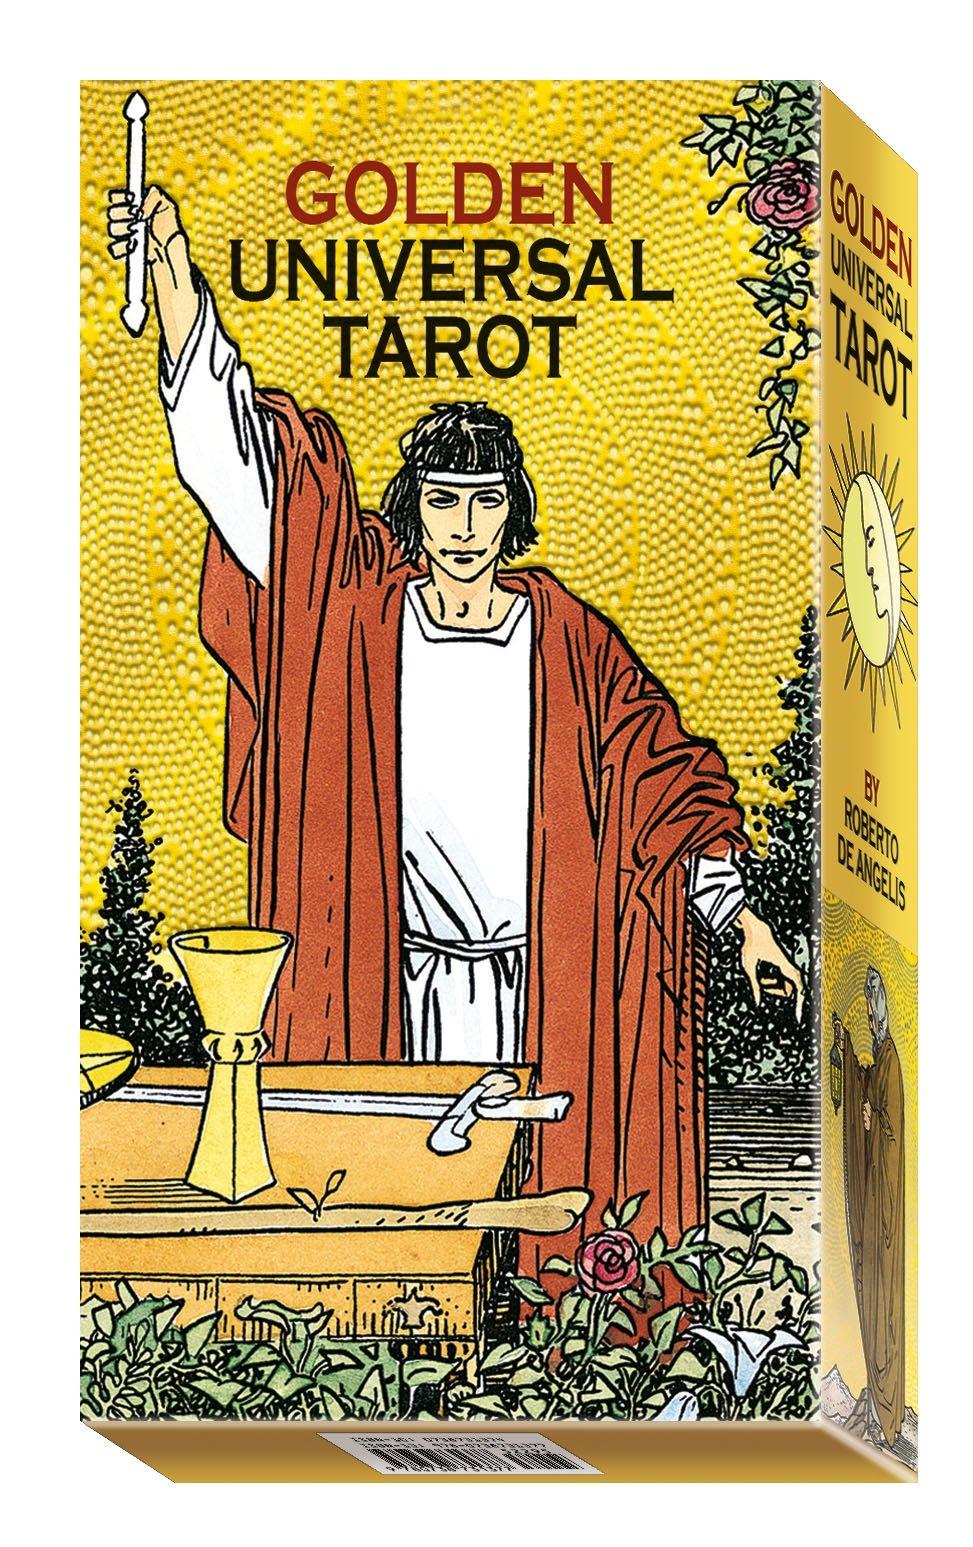 Golden Universal Tarot